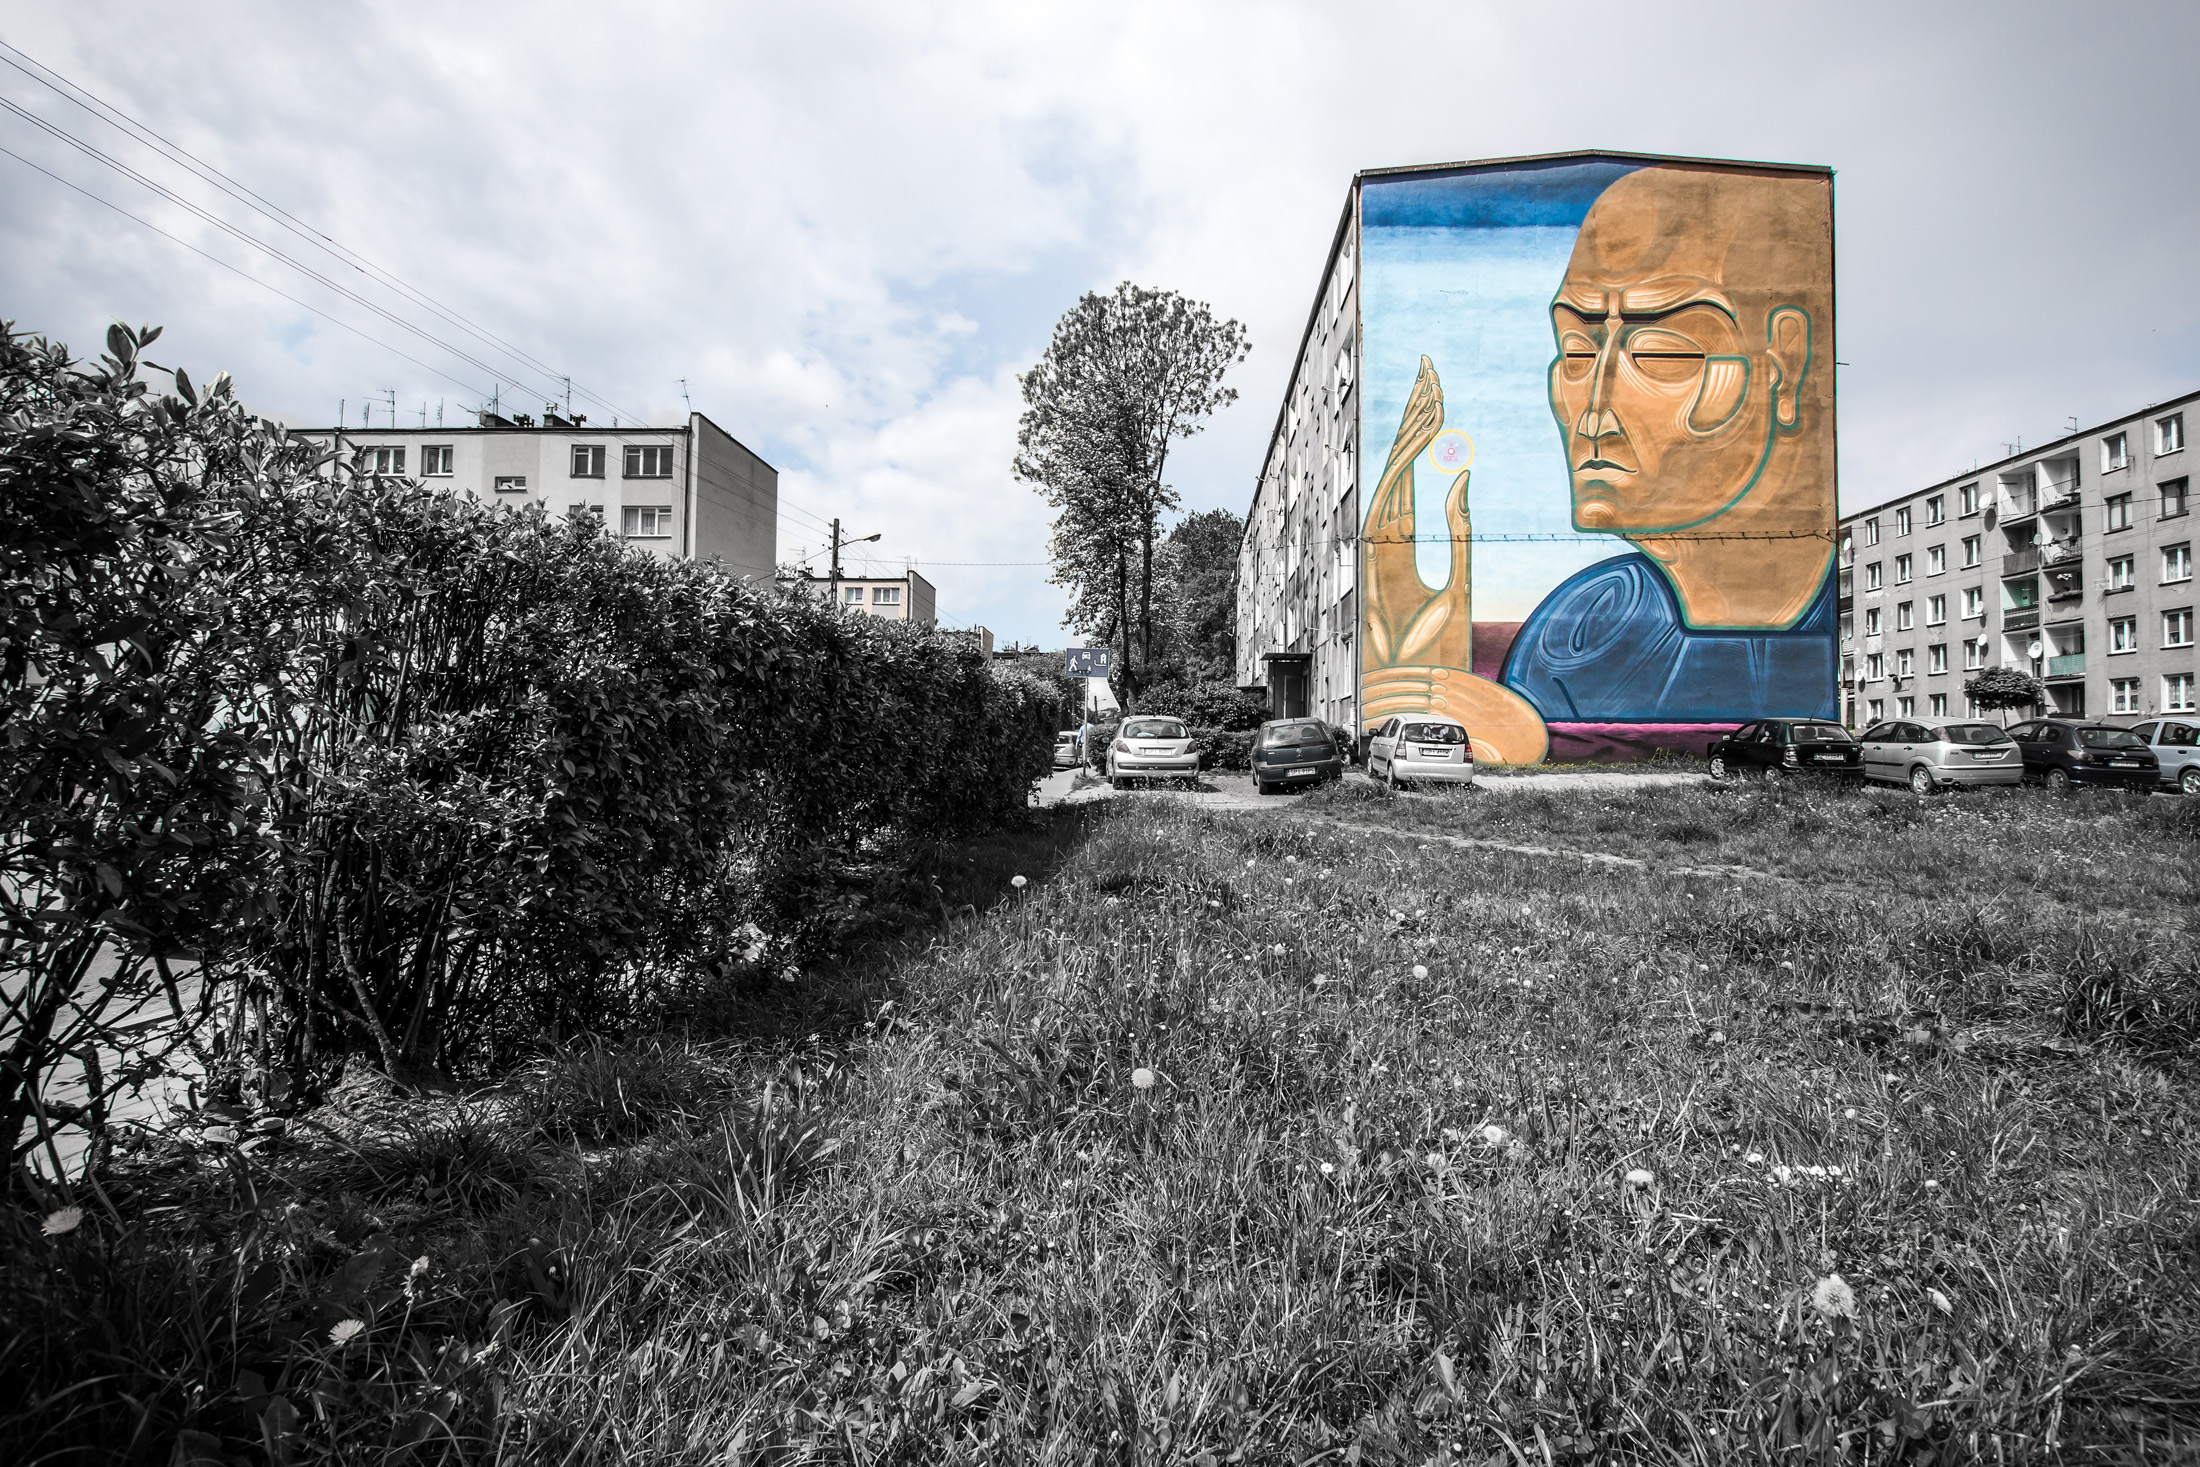 Również powstało podczas Street Art festiwal. Lokalizacja